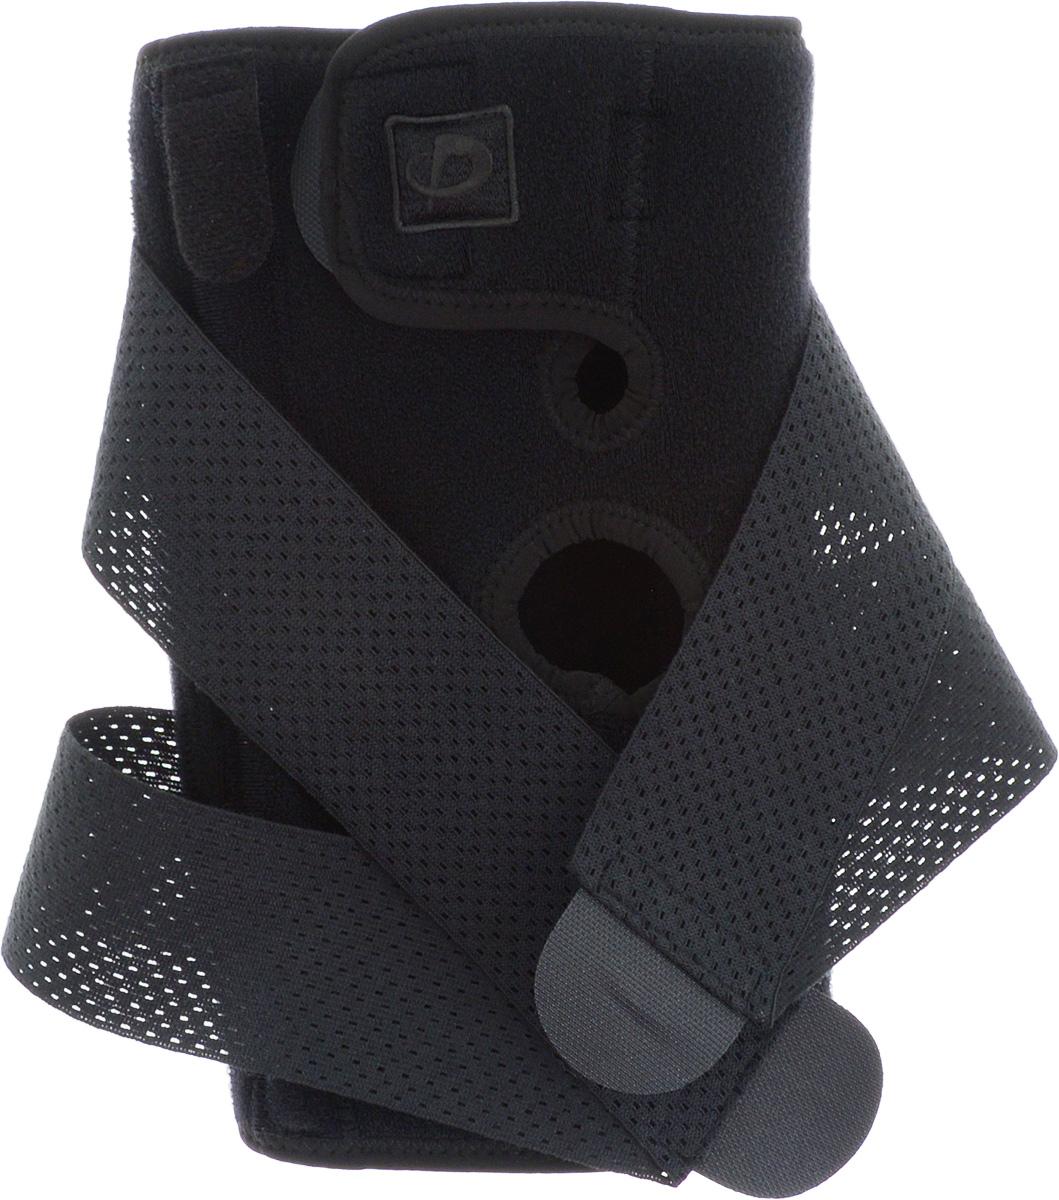 Суппорт колена Phiten Hard Type. Размер L (48-54 см)AIRWHEEL M3-162.8Суппорт колена Phiten Hard Type обеспечивает мягкую фиксацию сустава, активное воздействие на проприоцепторы, снятие суставного, связочного и мышечного напряжения, облегчение болевых ощущений. Показания к применению: все виды воспаления коленного сустава, растяжение мышц и связок коленного сустава, бурситы, хронические дегенеративные заболевания суставов, артроз коленного сустава, артрит и остеоартрит, пателлофеморальный болевой синдром. Жесткая, но регулируемая благодаря специальному ремню фиксация этого суппорта идеально подходит для ношения в течение всего дня или при восстановлении после травм коленного сустава, мышц и связок. Благодаря специальной пропитке акватитаном, пояс способствует скорейшему восстановлению после травмы. Материал: наружная часть: нейлон 93%, полиуретан 7%; внутренняя часть: нейлон 80%, полиуретан 20%; липучка: полиэстер 100%; акватитан, аквапалладий. Обхват колена: 48-54 см.